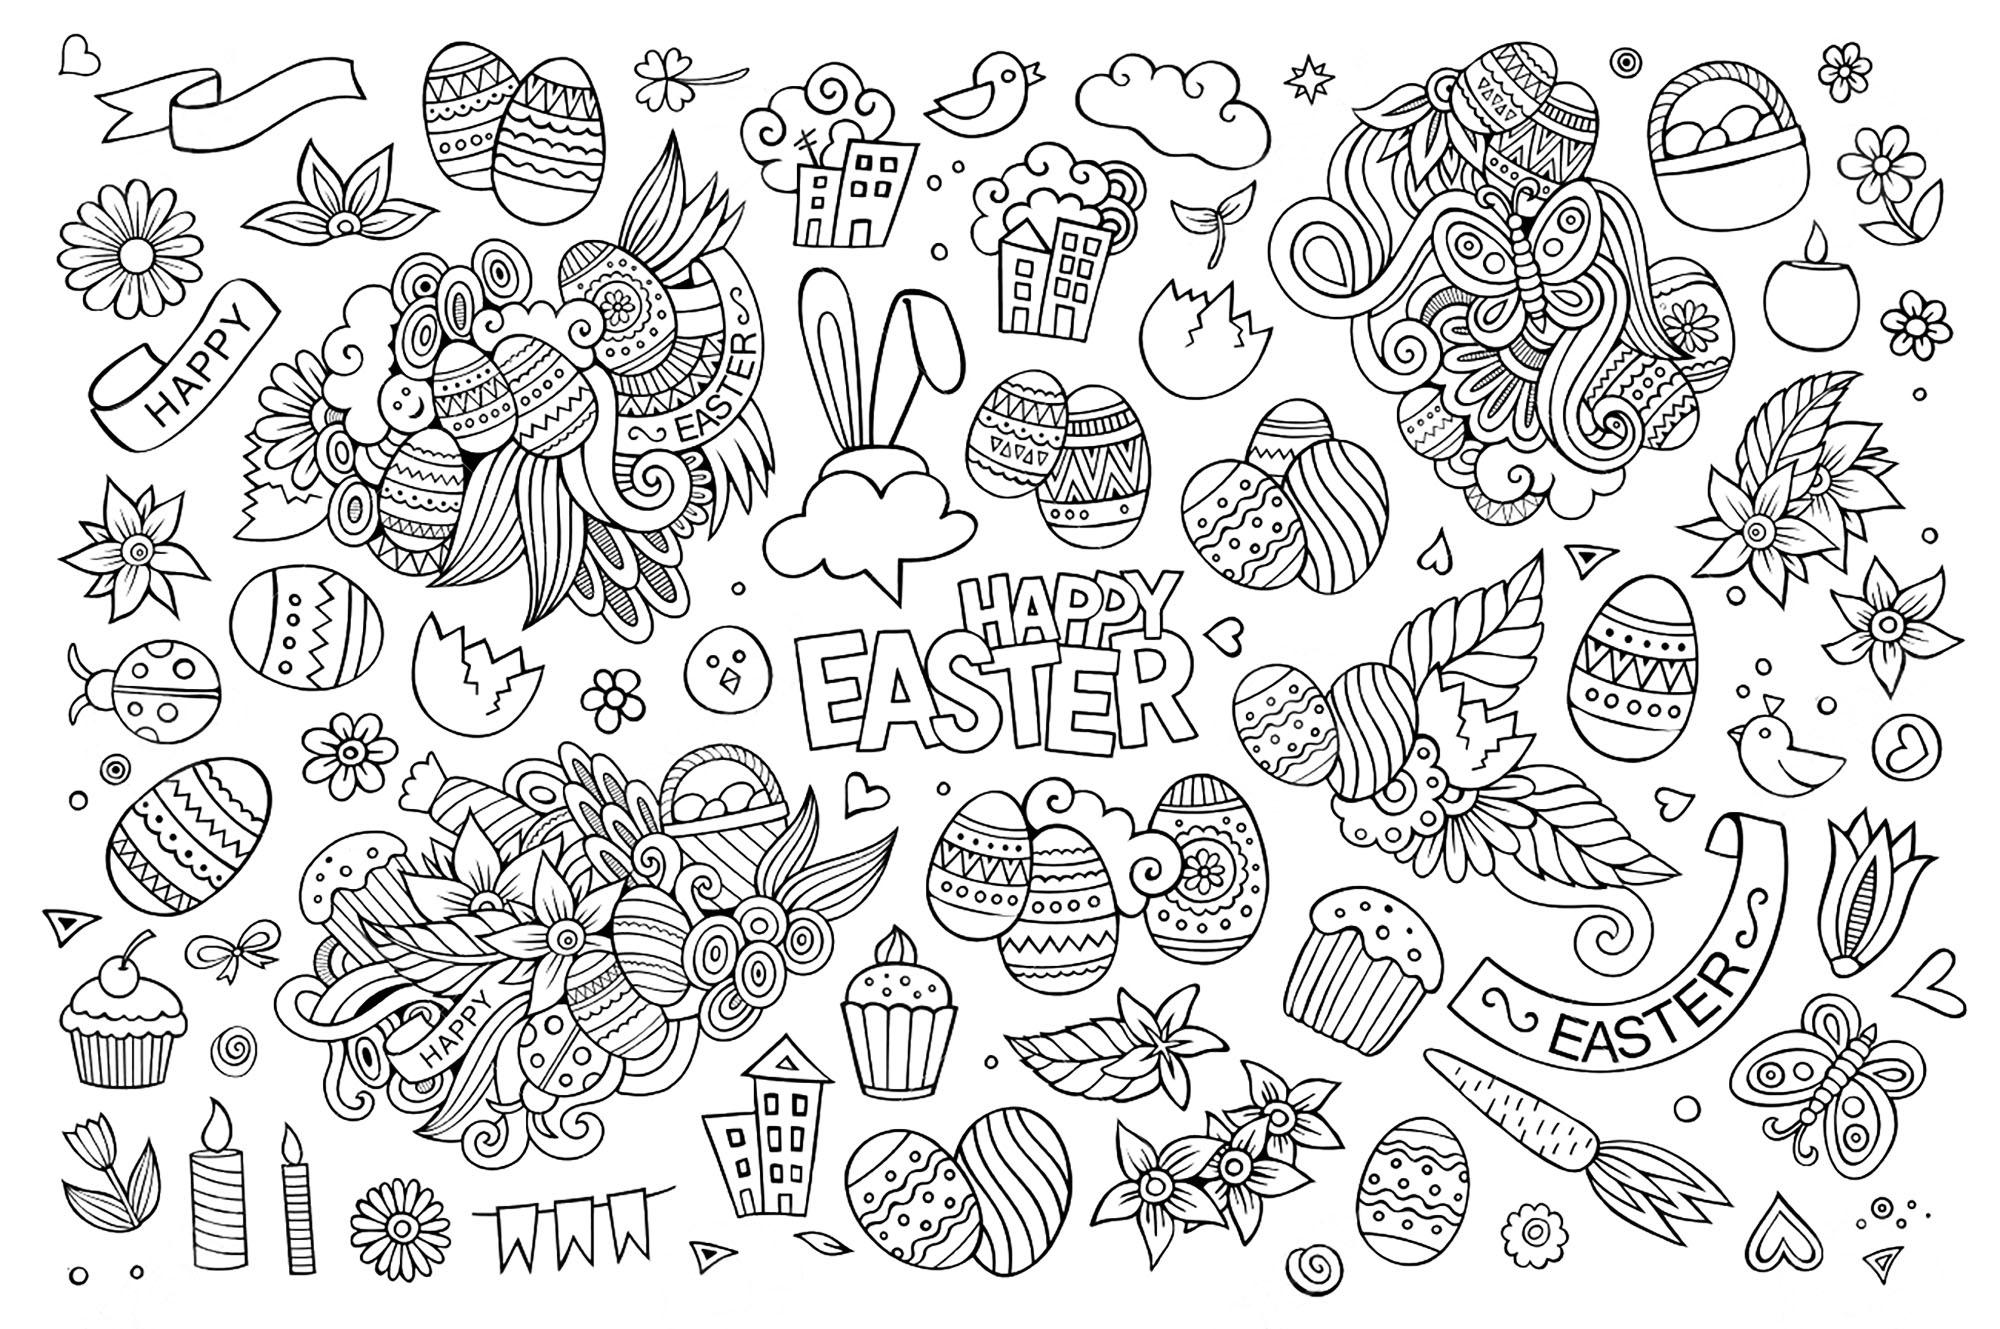 Coloriage amusant de Pâques à imprimer et colorier